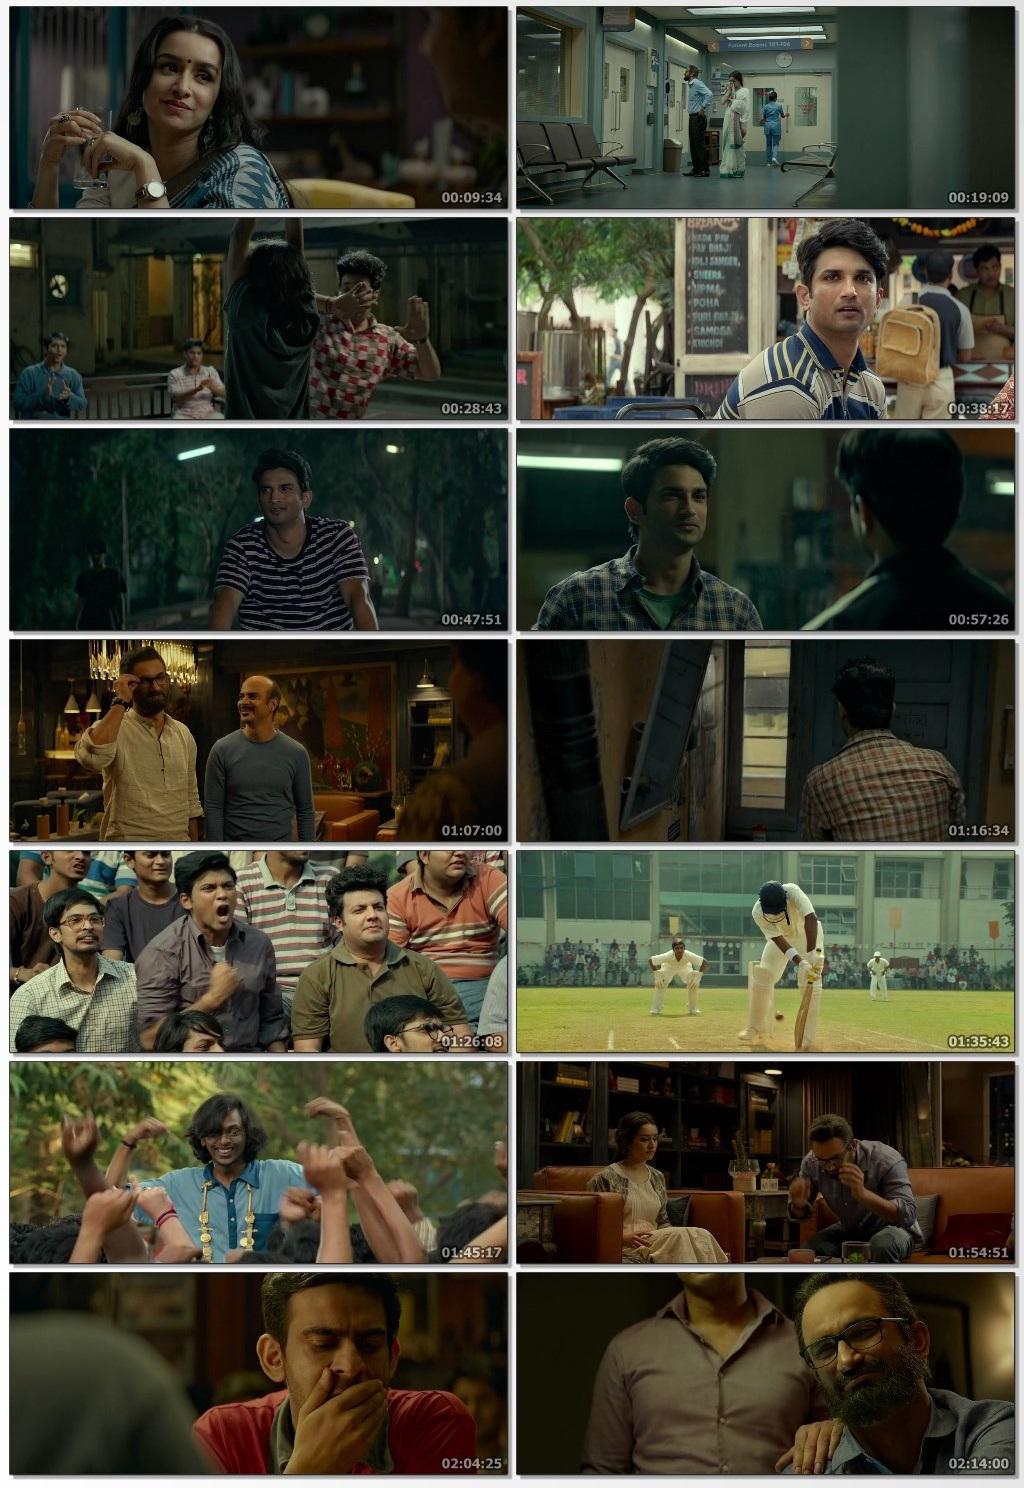 Chhichhore-2019-www-9kmovies-cloud-Hindi-720p-Blu-Ray-ESub-1-3-GB-mkv-thumbs